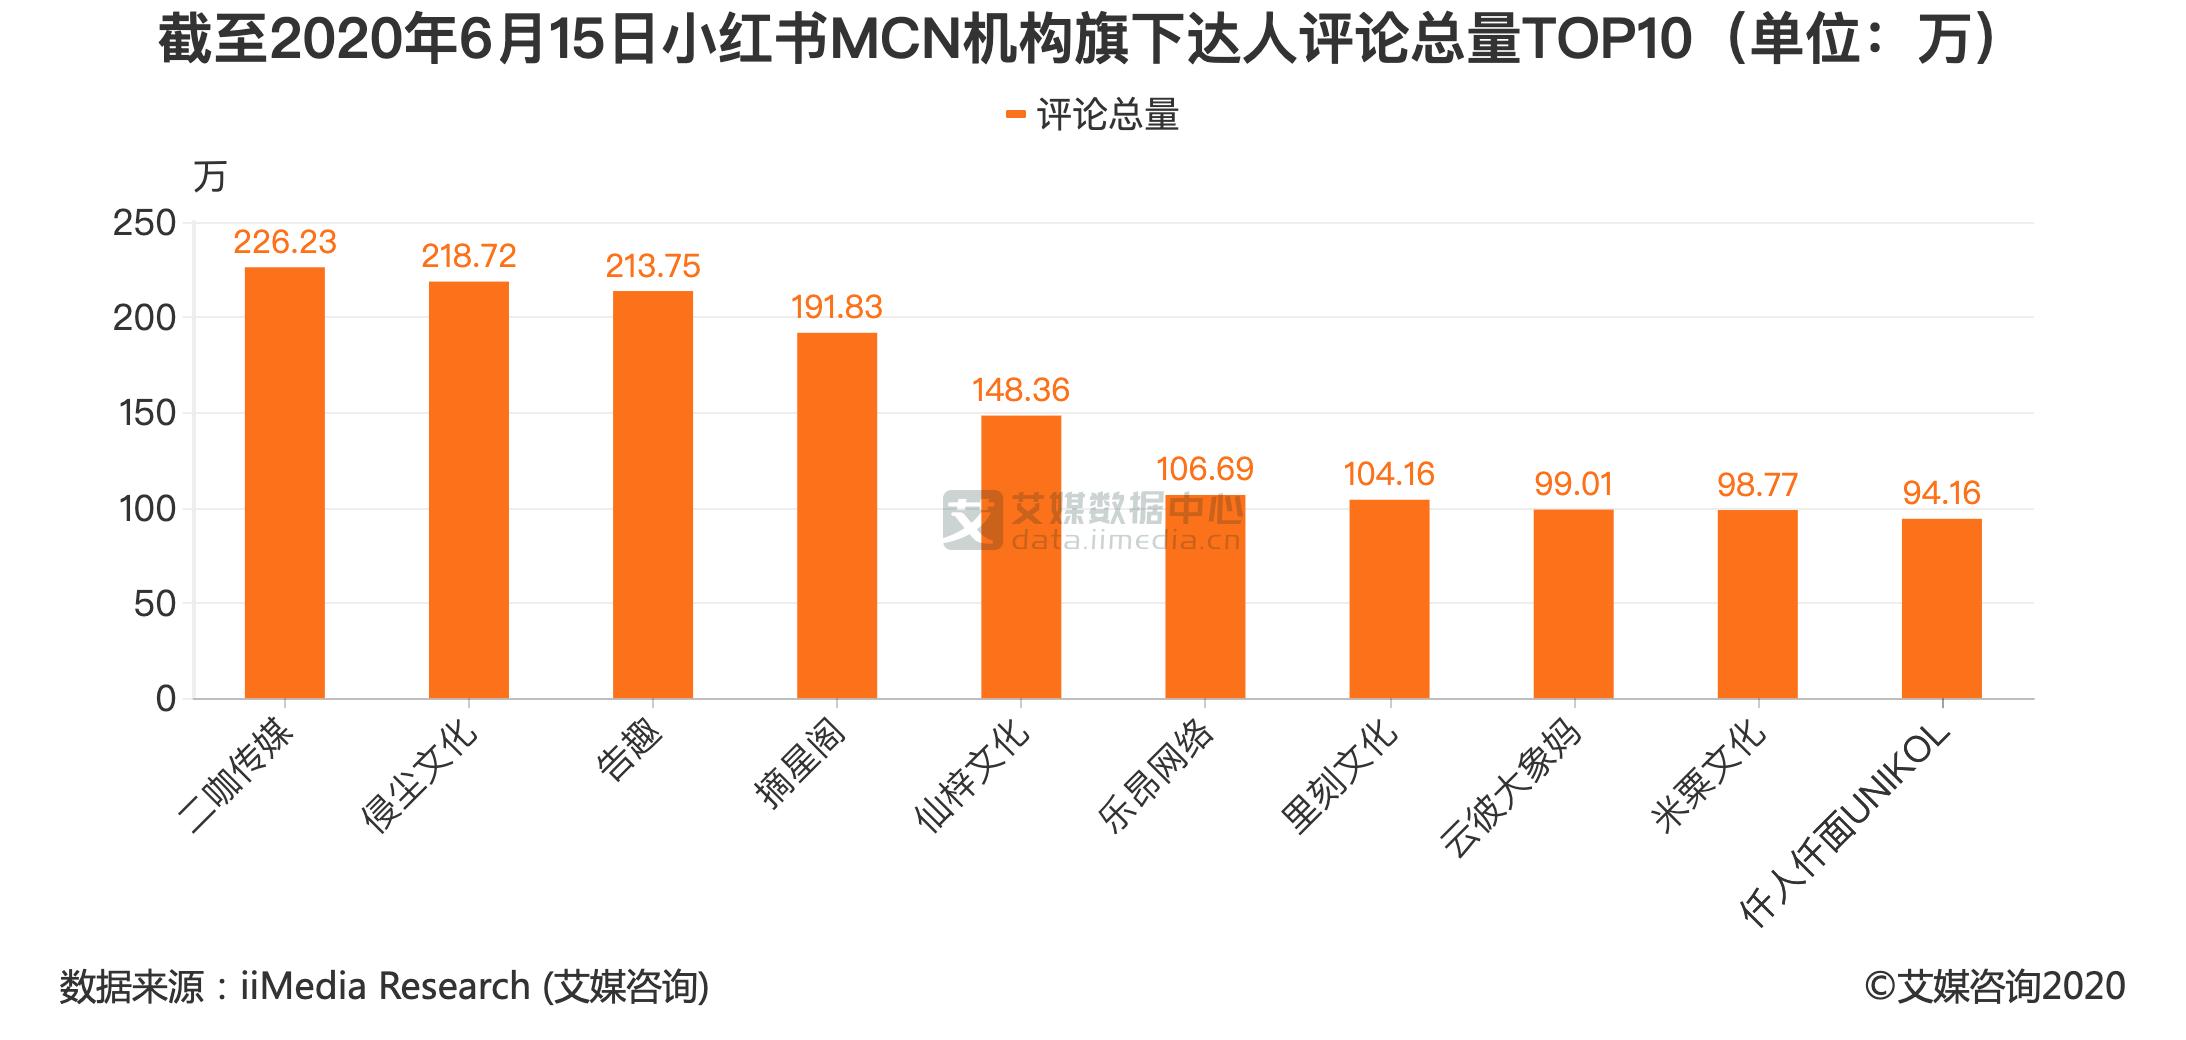 截至2020年6月15日小红书MCN机构旗下达人评论总量TOP10(单位:万)